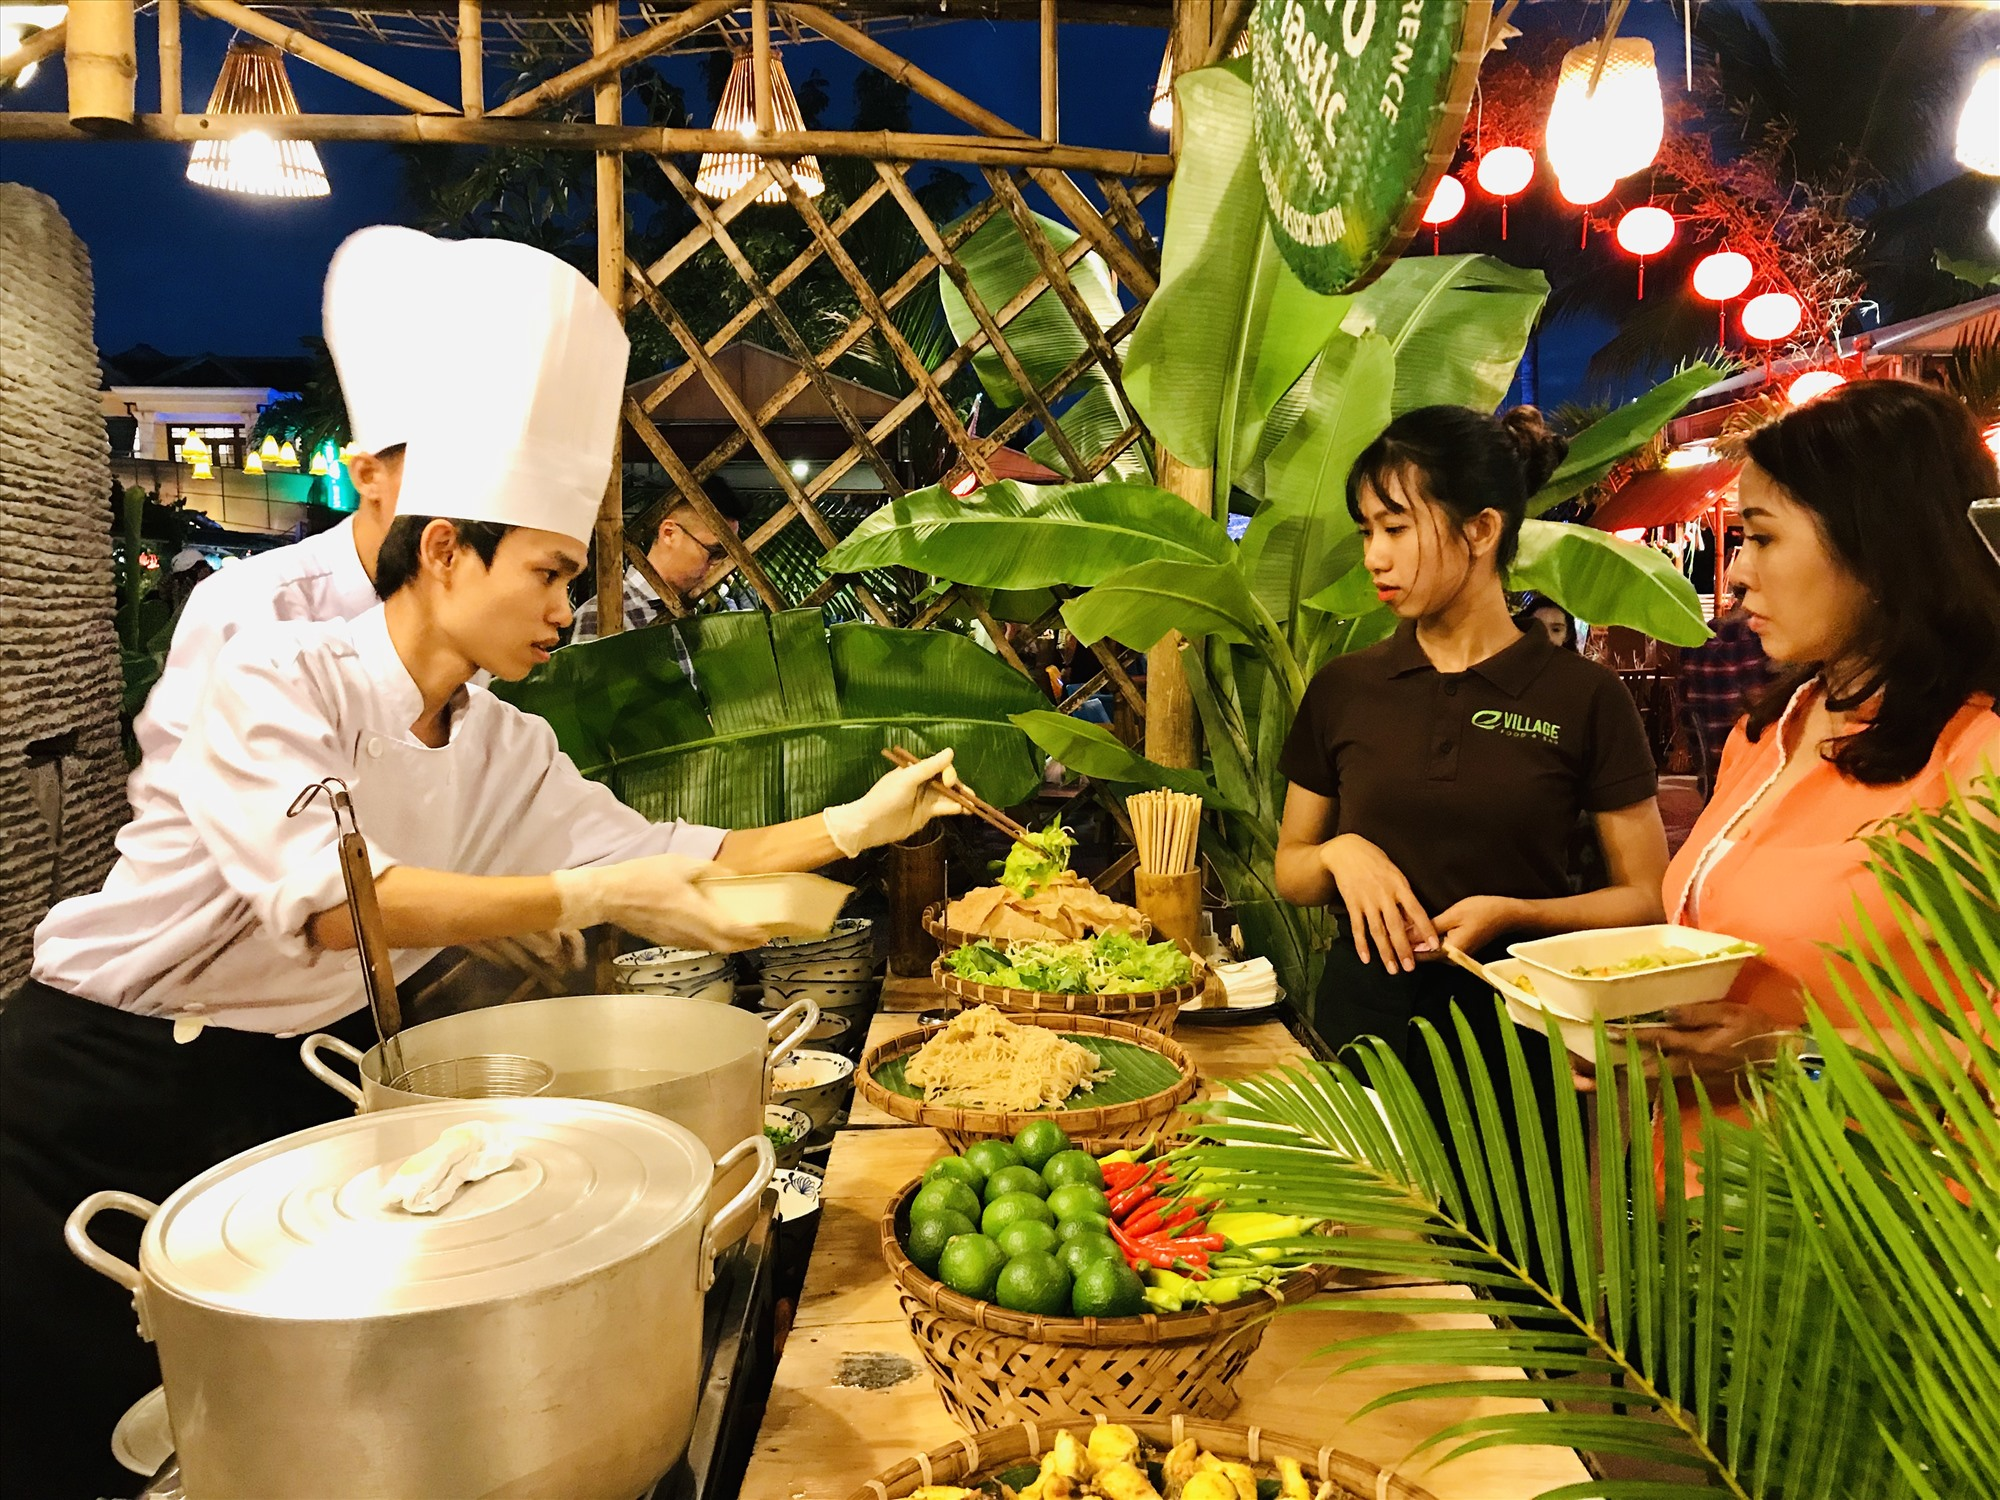 Quảng Nam có nền văn hóa ẩm thực đa dạng nhưng cần cải thiện cách làm thương hiệu để gia tăng giá trị thu được. Ảnh: Q.T